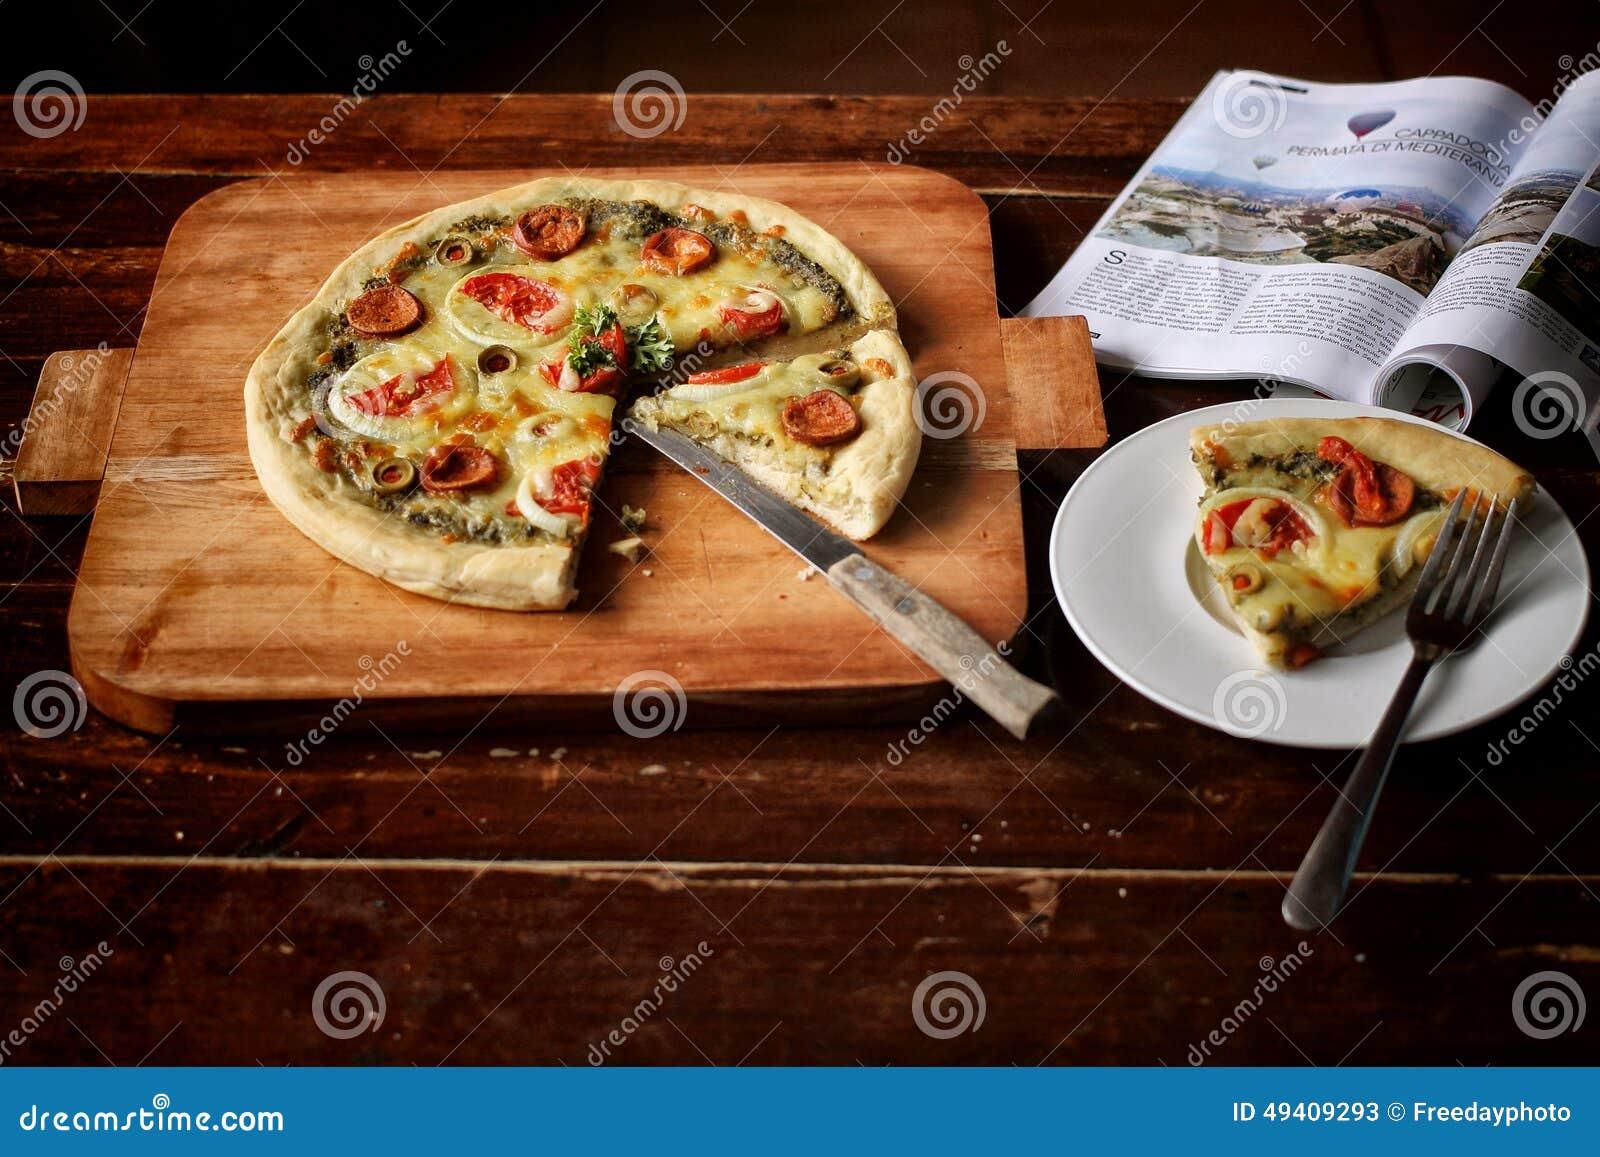 Download Pizza stockbild. Bild von rindfleisch, knoblauch, flasche - 49409293